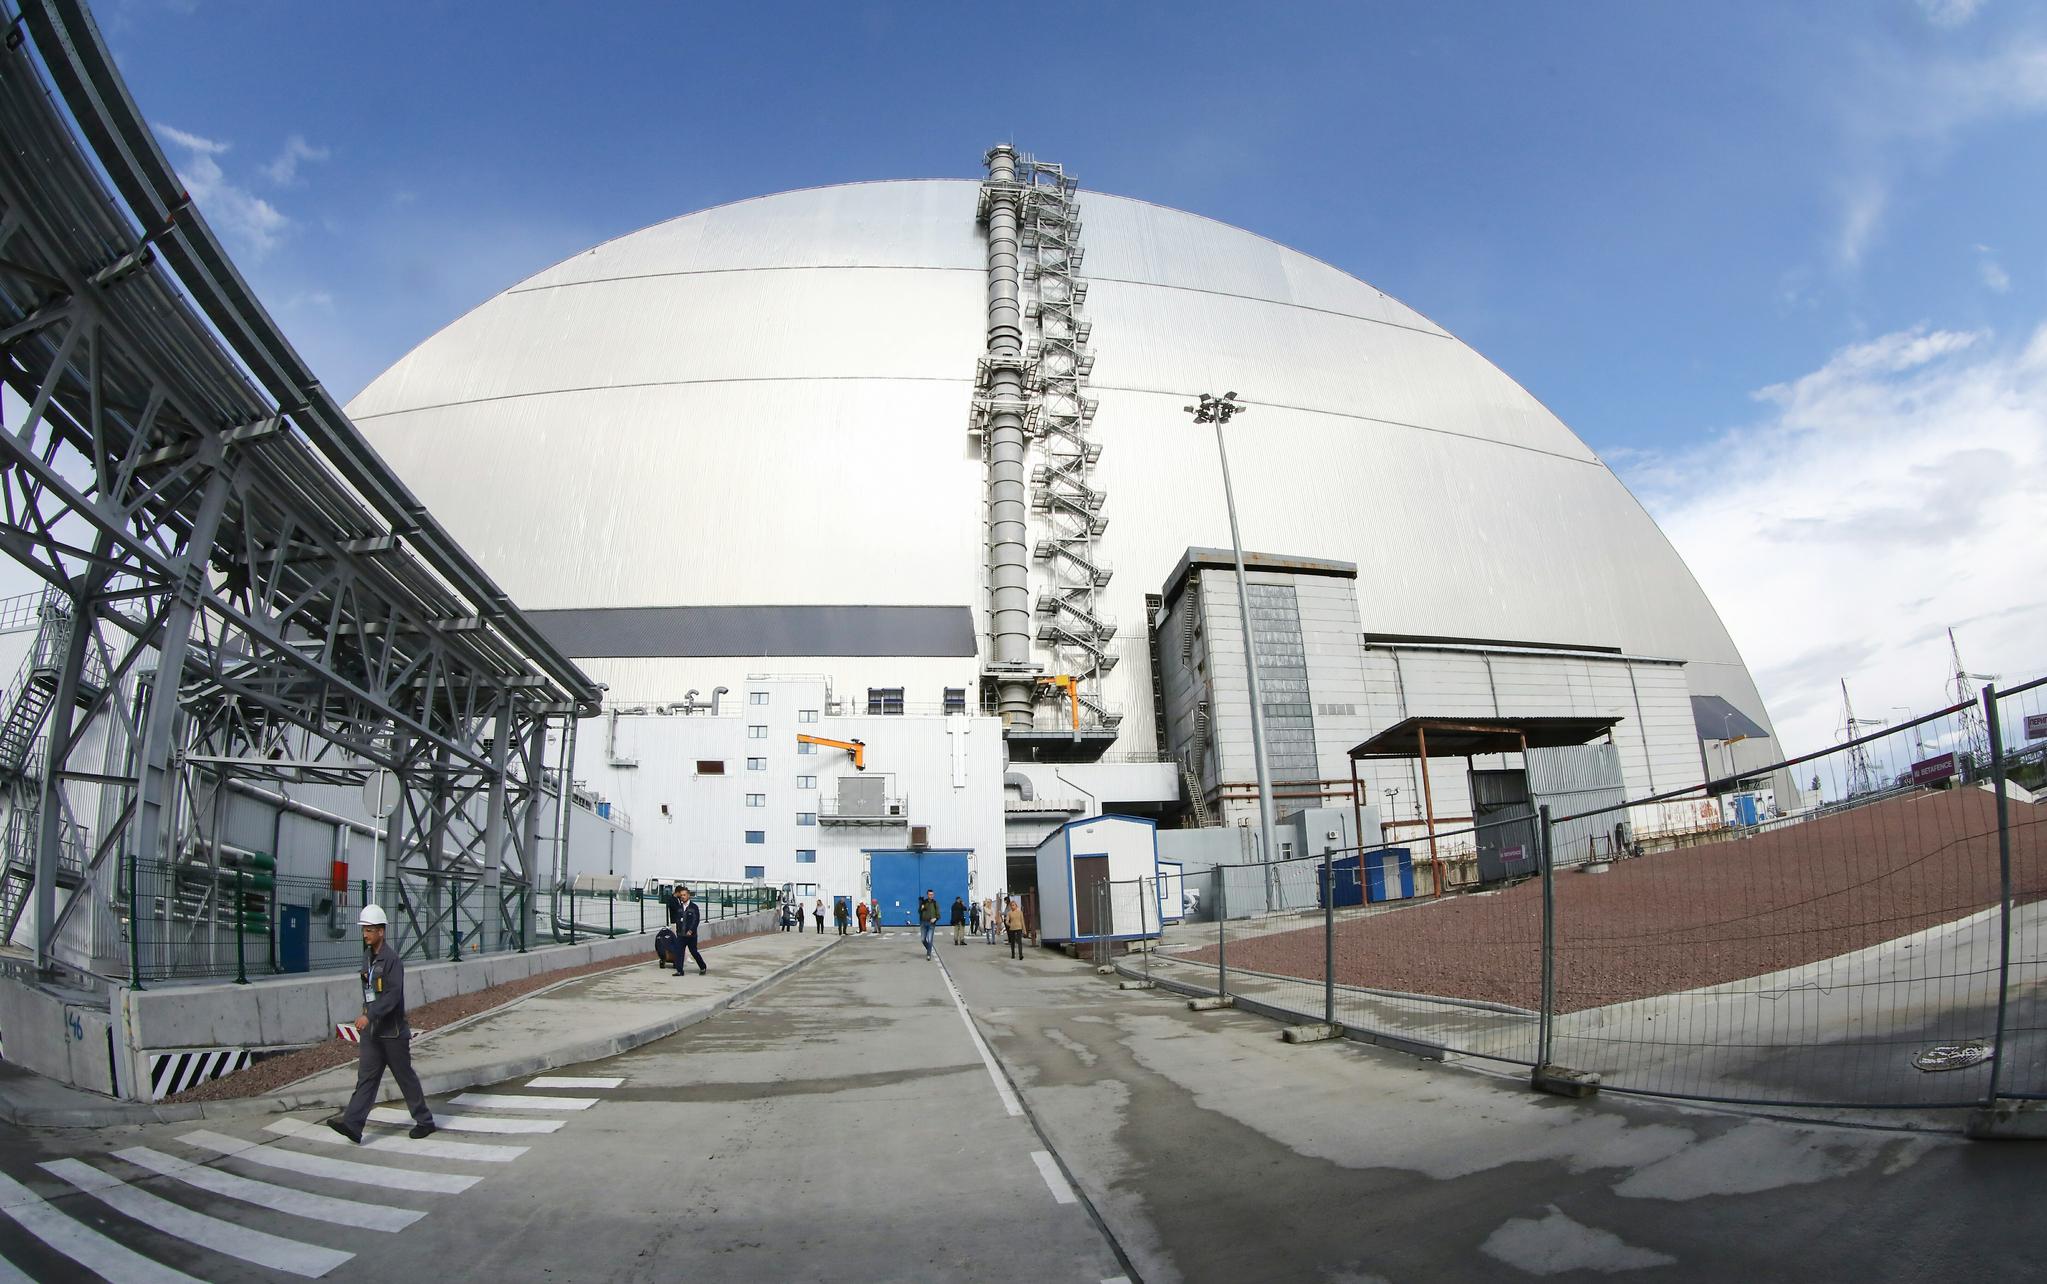 지난 1986년 폭발 사고가 났던 체르노빌 원전 4호기를 덮었던 콘크리트 위에 새롭게 설치된 철제 아치형 방호 덮개 외관. 우크라이나는 10일(현지시간) 본격 방호 덮개 운영에 들어갔다. [TASS=연합뉴스]